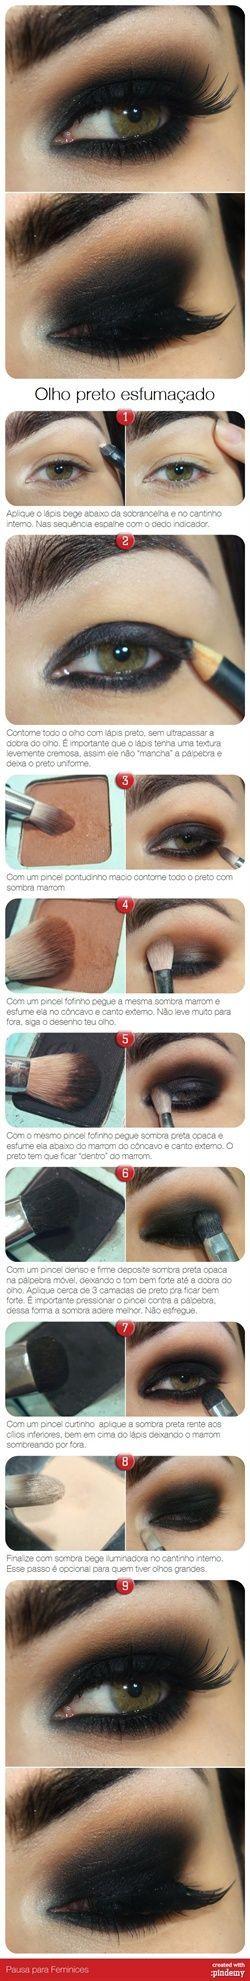 Olho preto esfumaçado #coupon code nicesup123 gets 25% off at  www.Provestra.com www.Skinception.com and www.leadingedgehealth.com